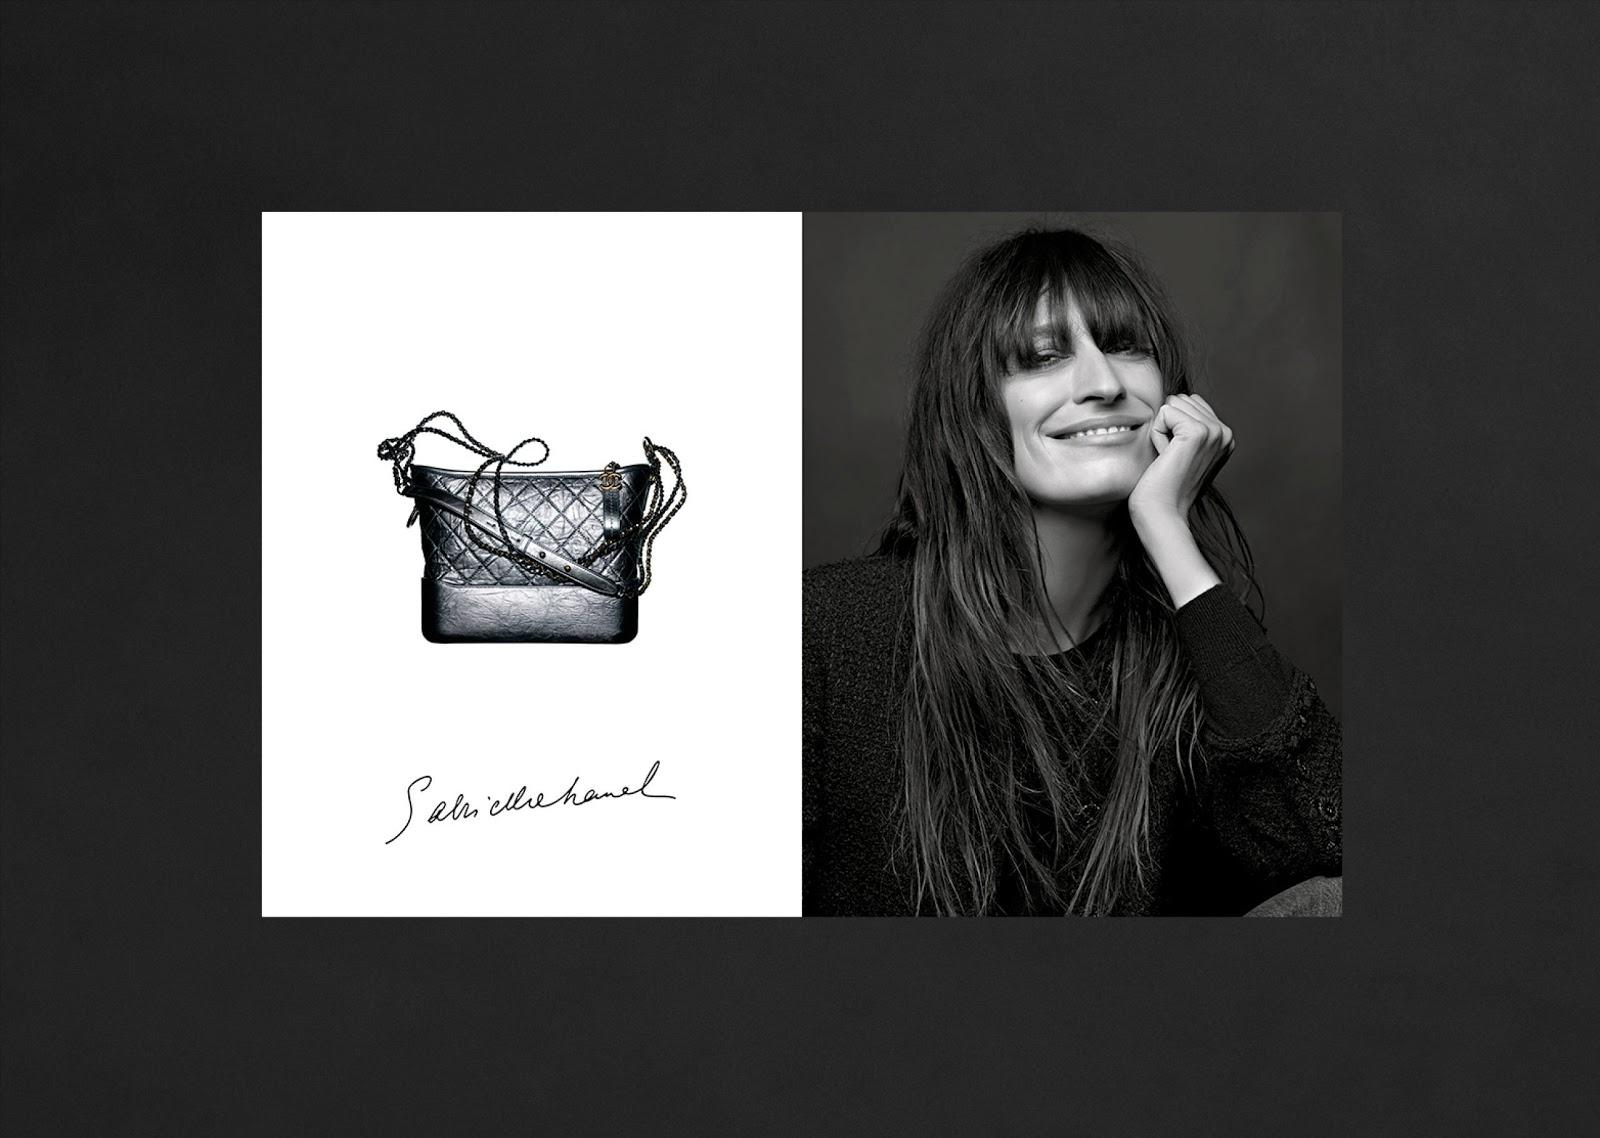 BTS Video: Caroline de Maigret's Chanel Gabrielle Bag Campaign